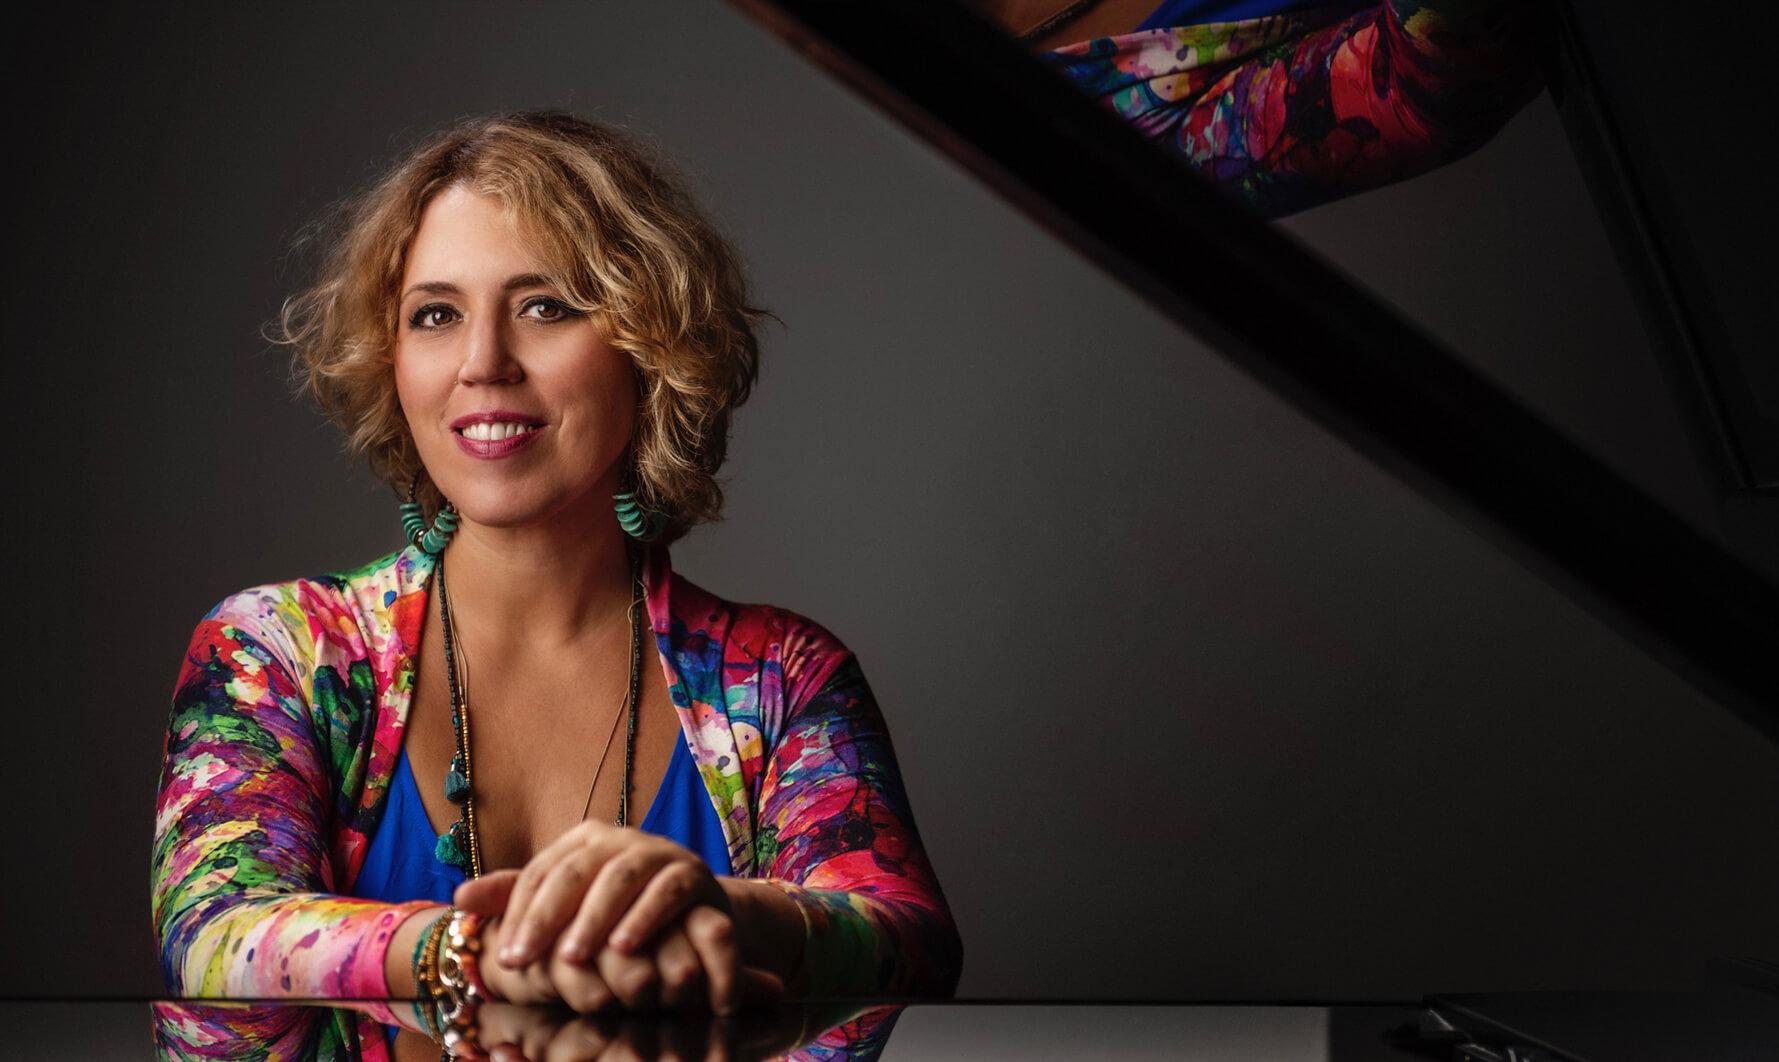 Orquesta Sinfónica Nacional de Colombia – Gabriela Montero, Piano, Venezuela